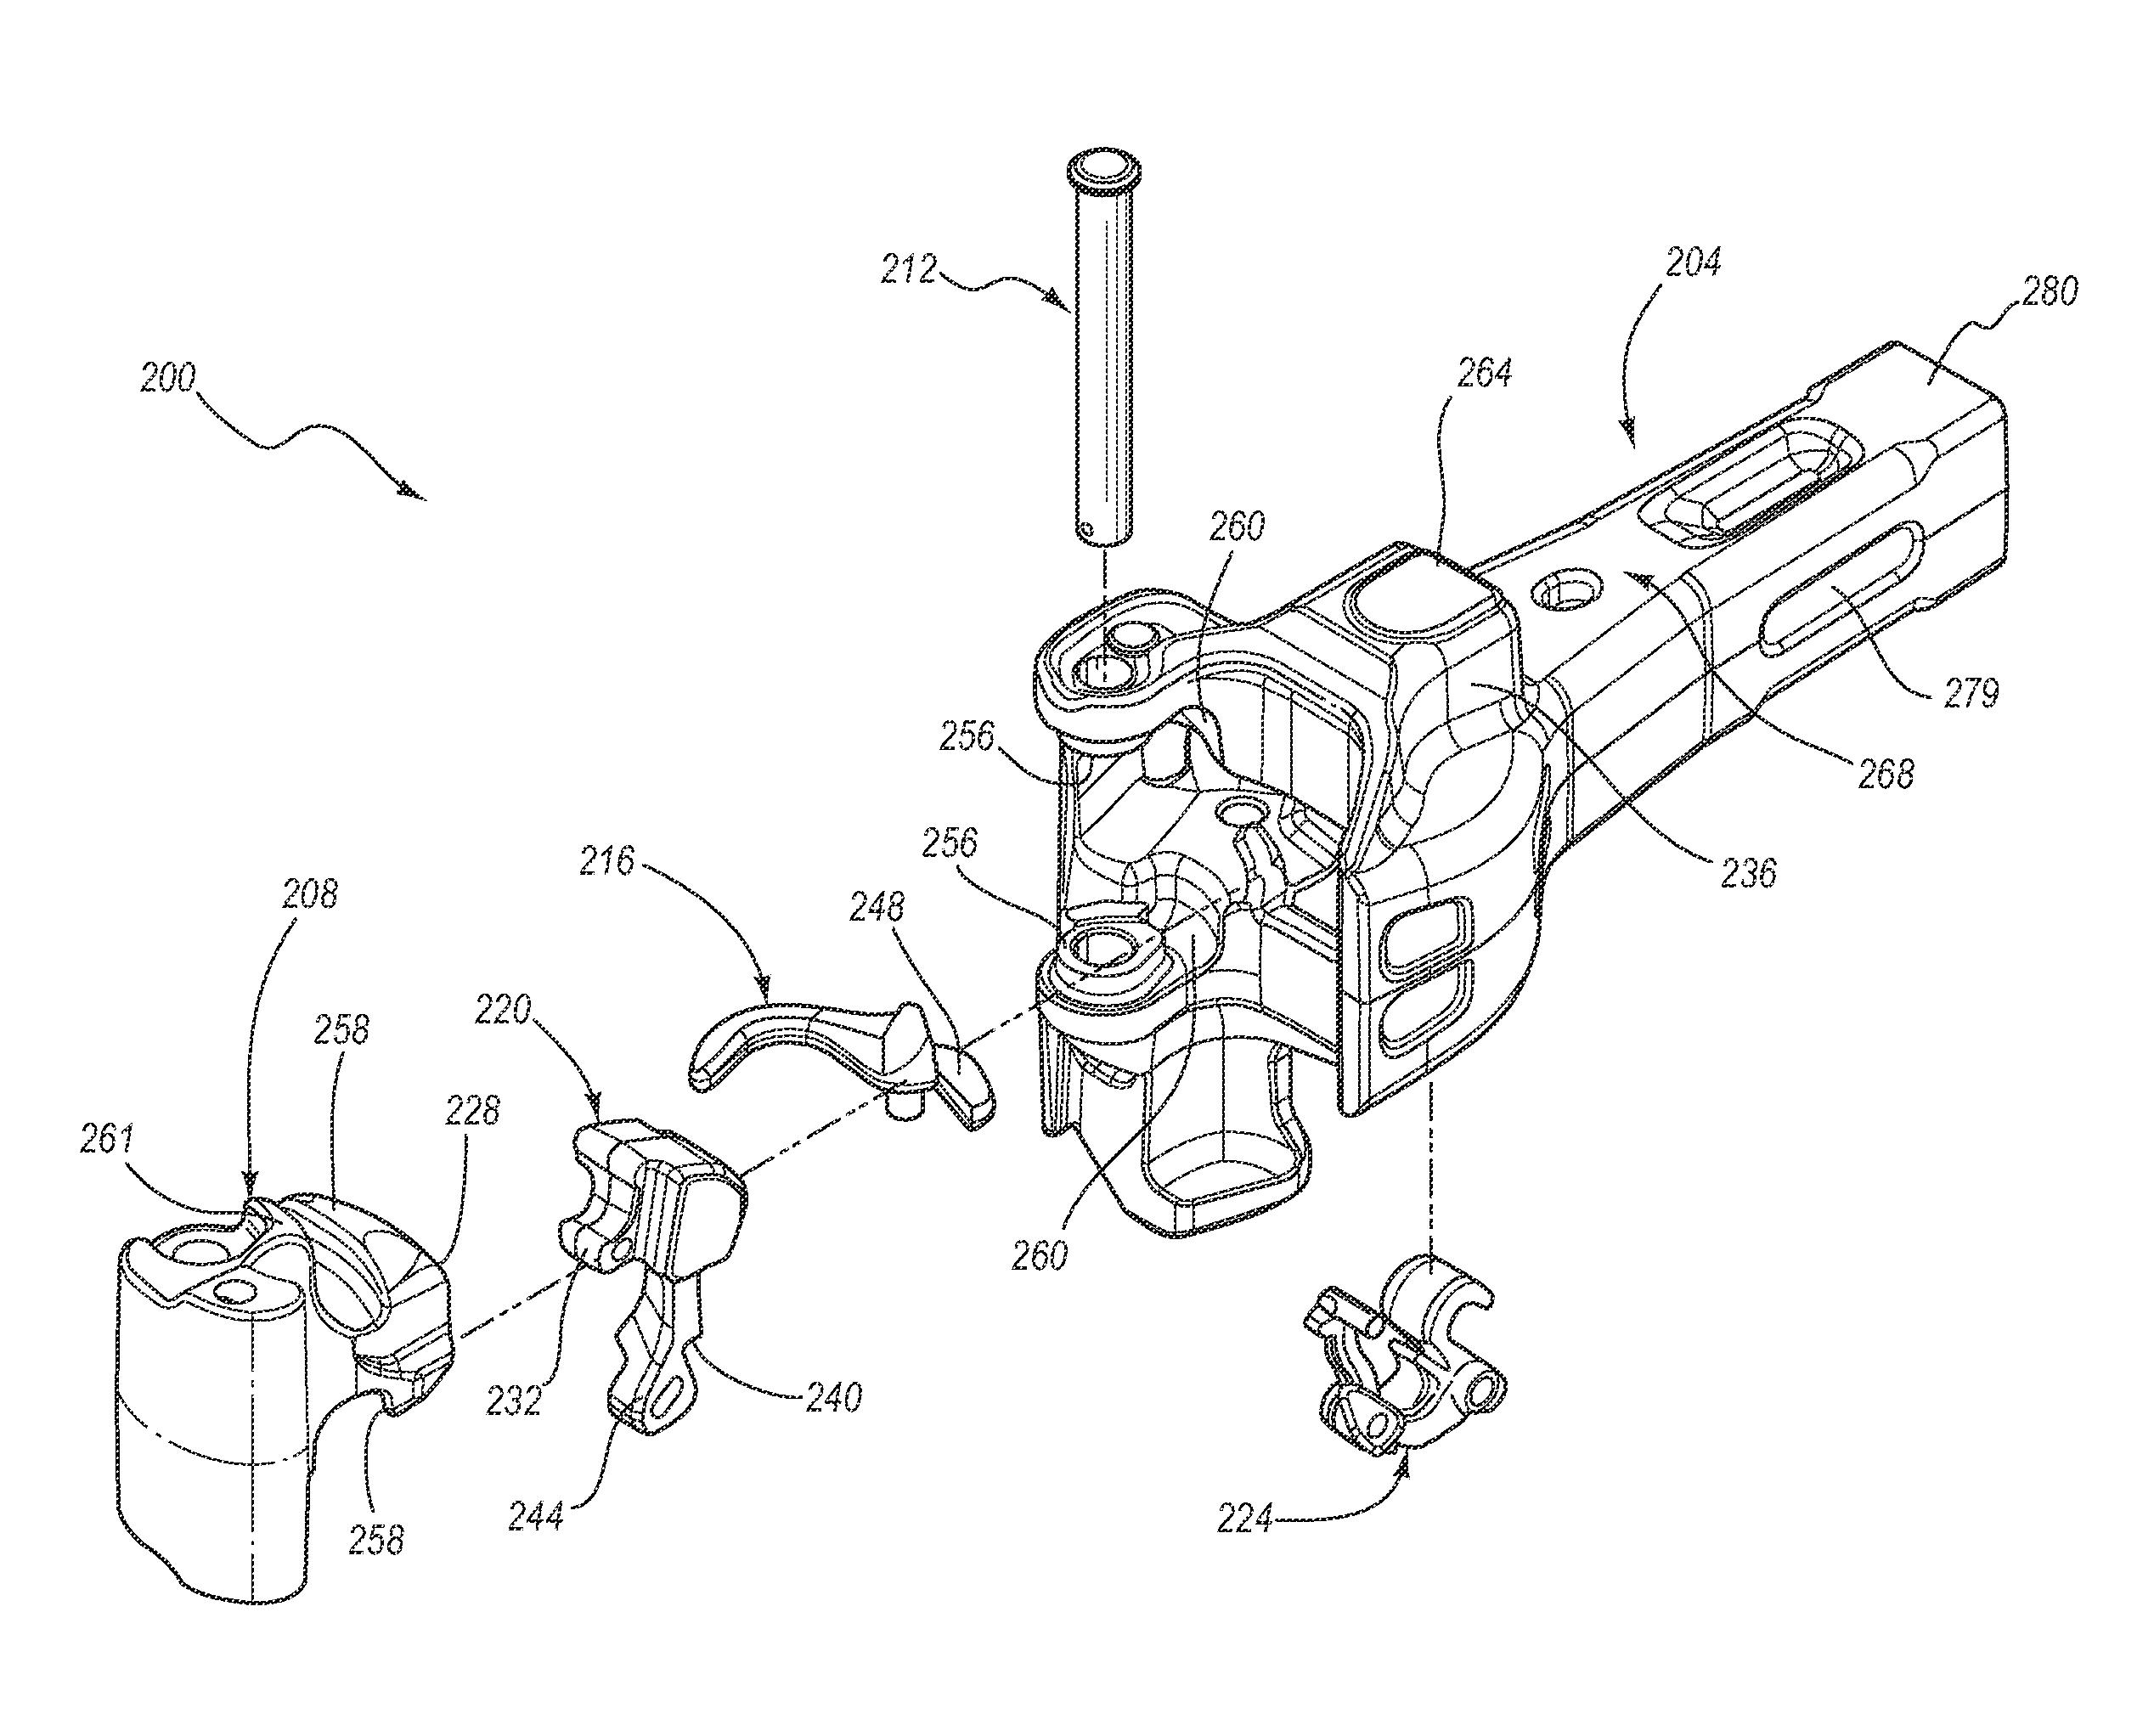 patent us20130269900